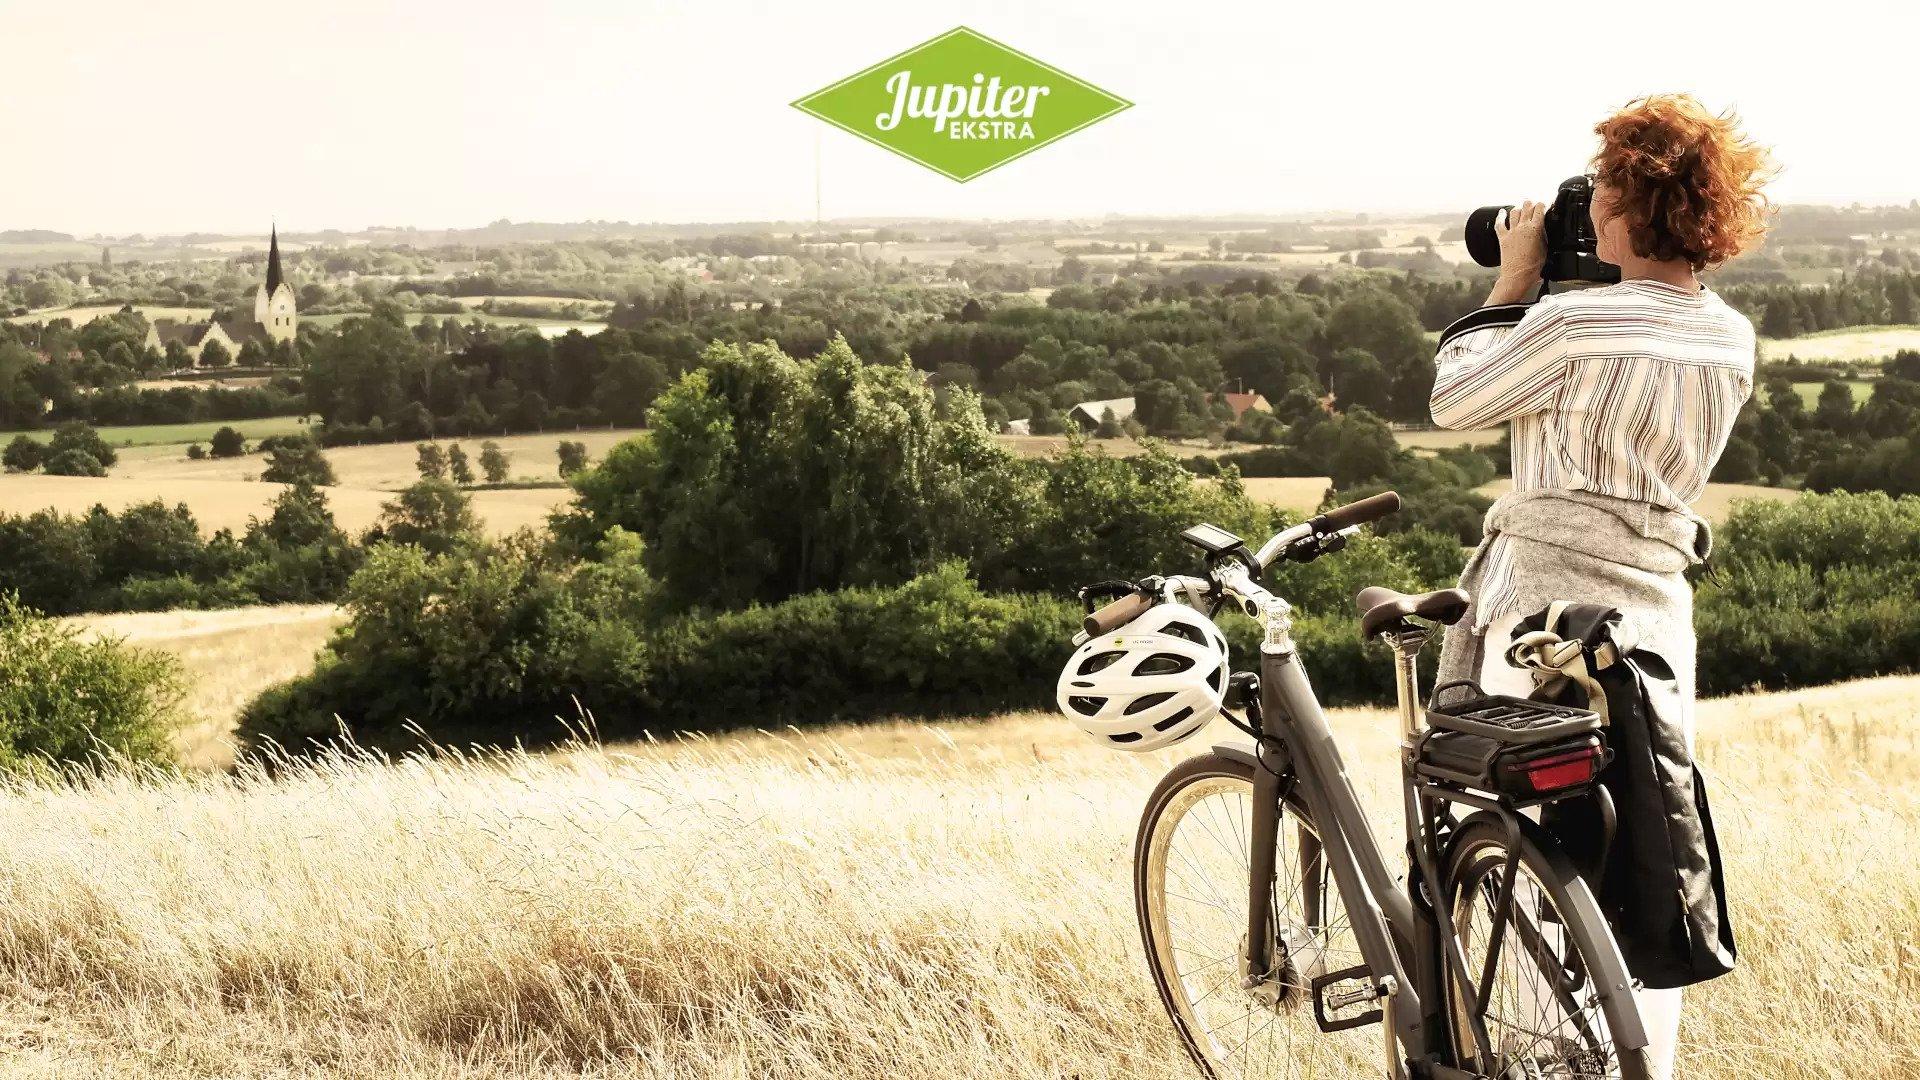 El Cykel Dame | Gode Priser | Jupitor Ekstra